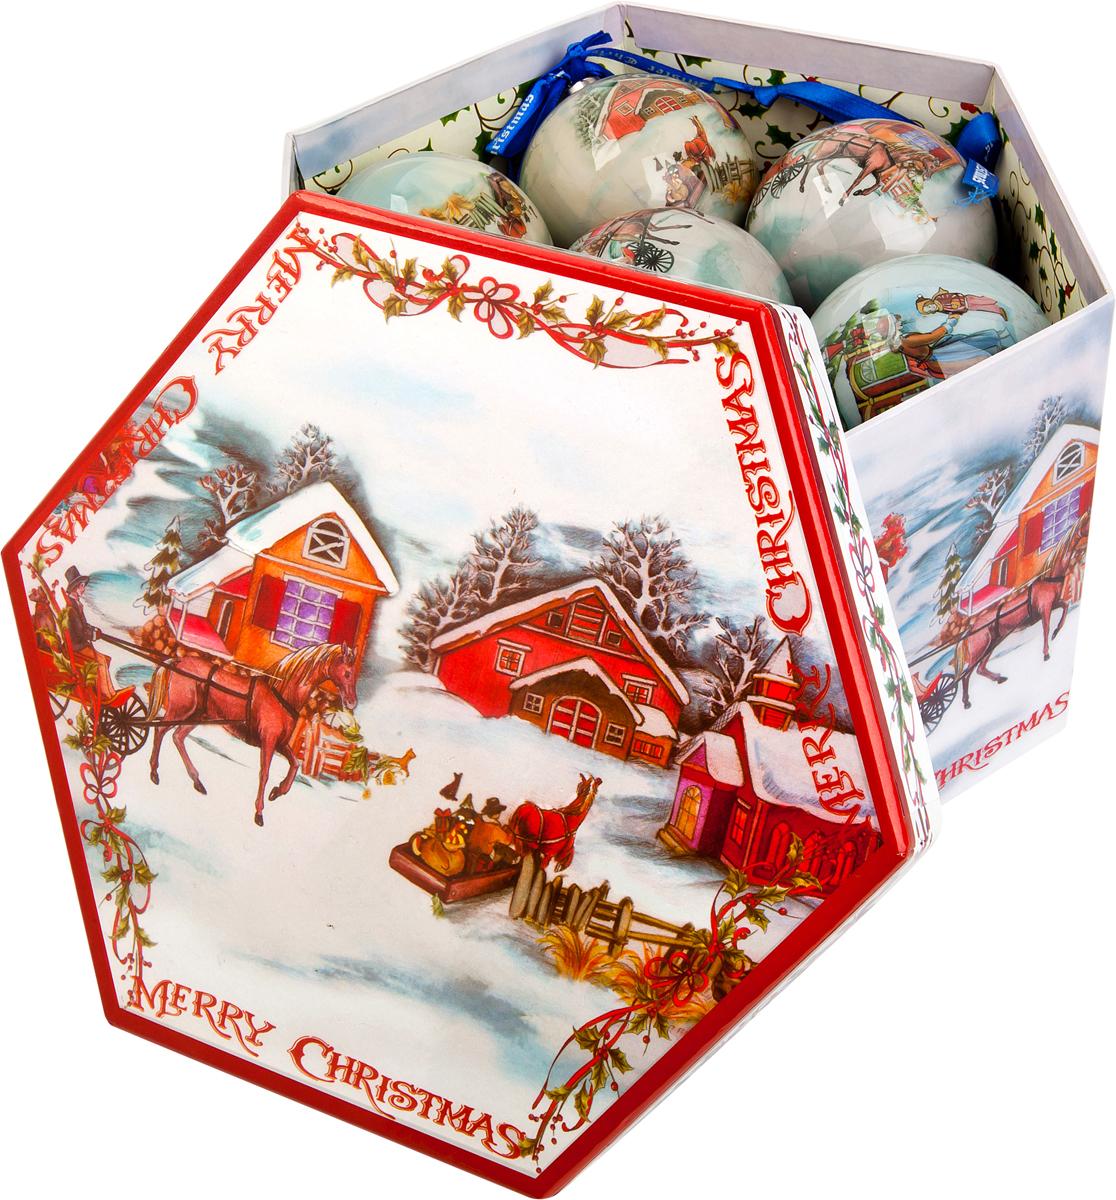 Набор новогодних подвесных украшений Mister Christmas Папье-маше, диаметр 7,5 см, 14 шт. PM-13-14 украшение новогоднее подвесное mister christmas папье маше диаметр 7 5 см pm 15 1t